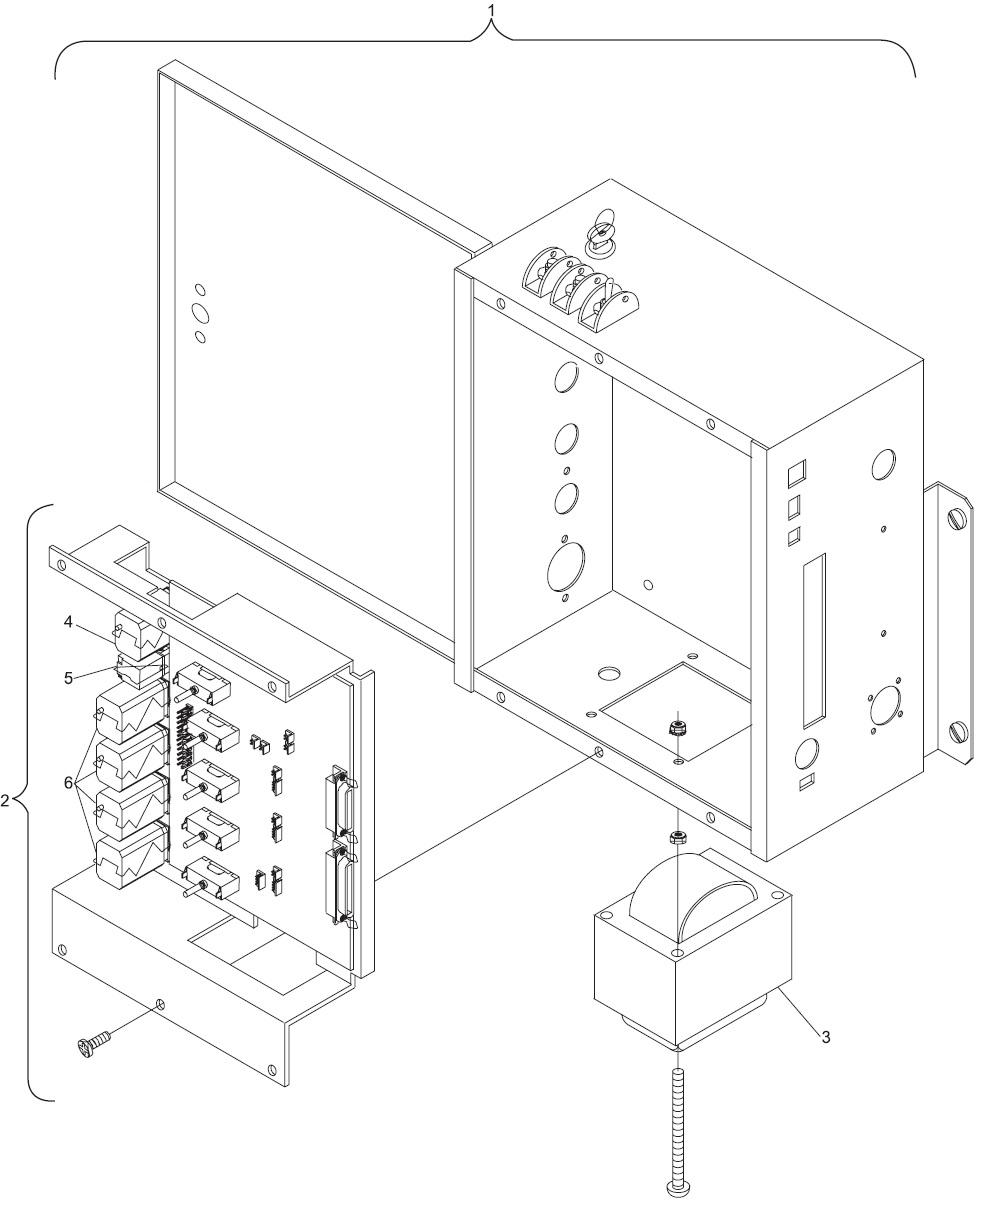 N.A. High Voltage Box - Silver Box